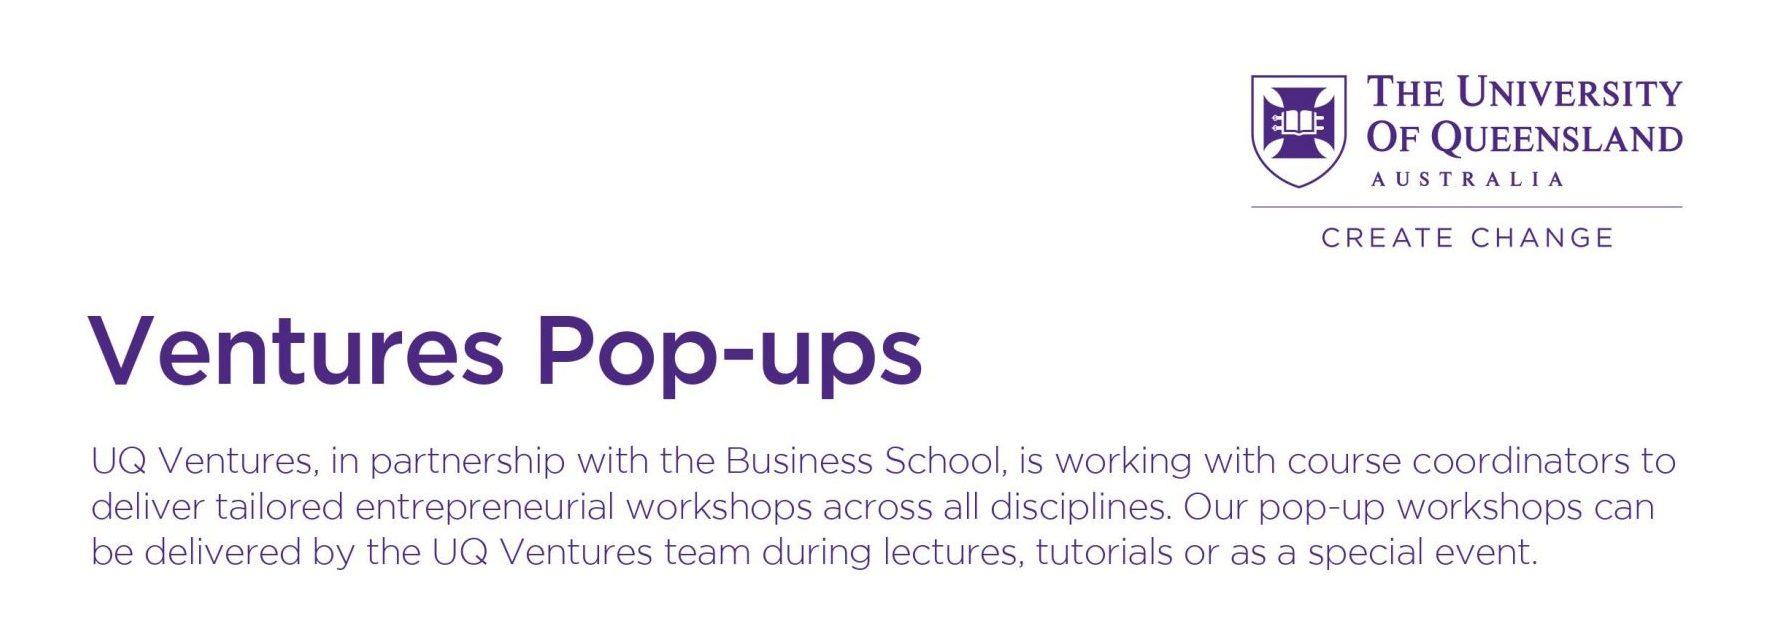 Student Entrepreneurship Workshops The University of Queensland, Australia